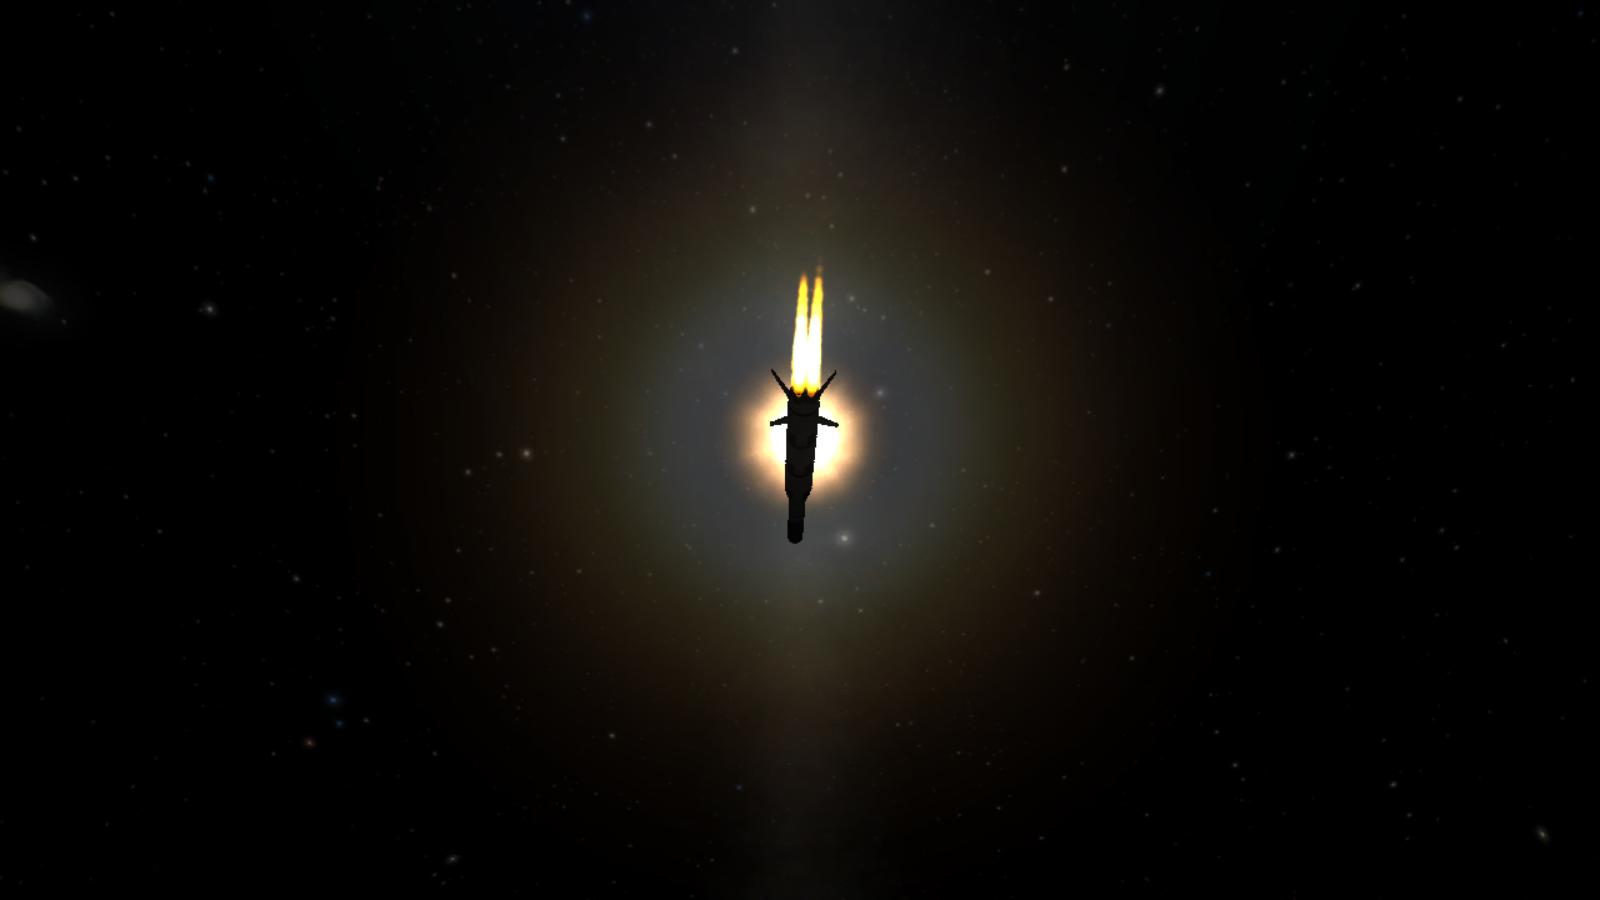 KSP—Kerbal Space Program ;)